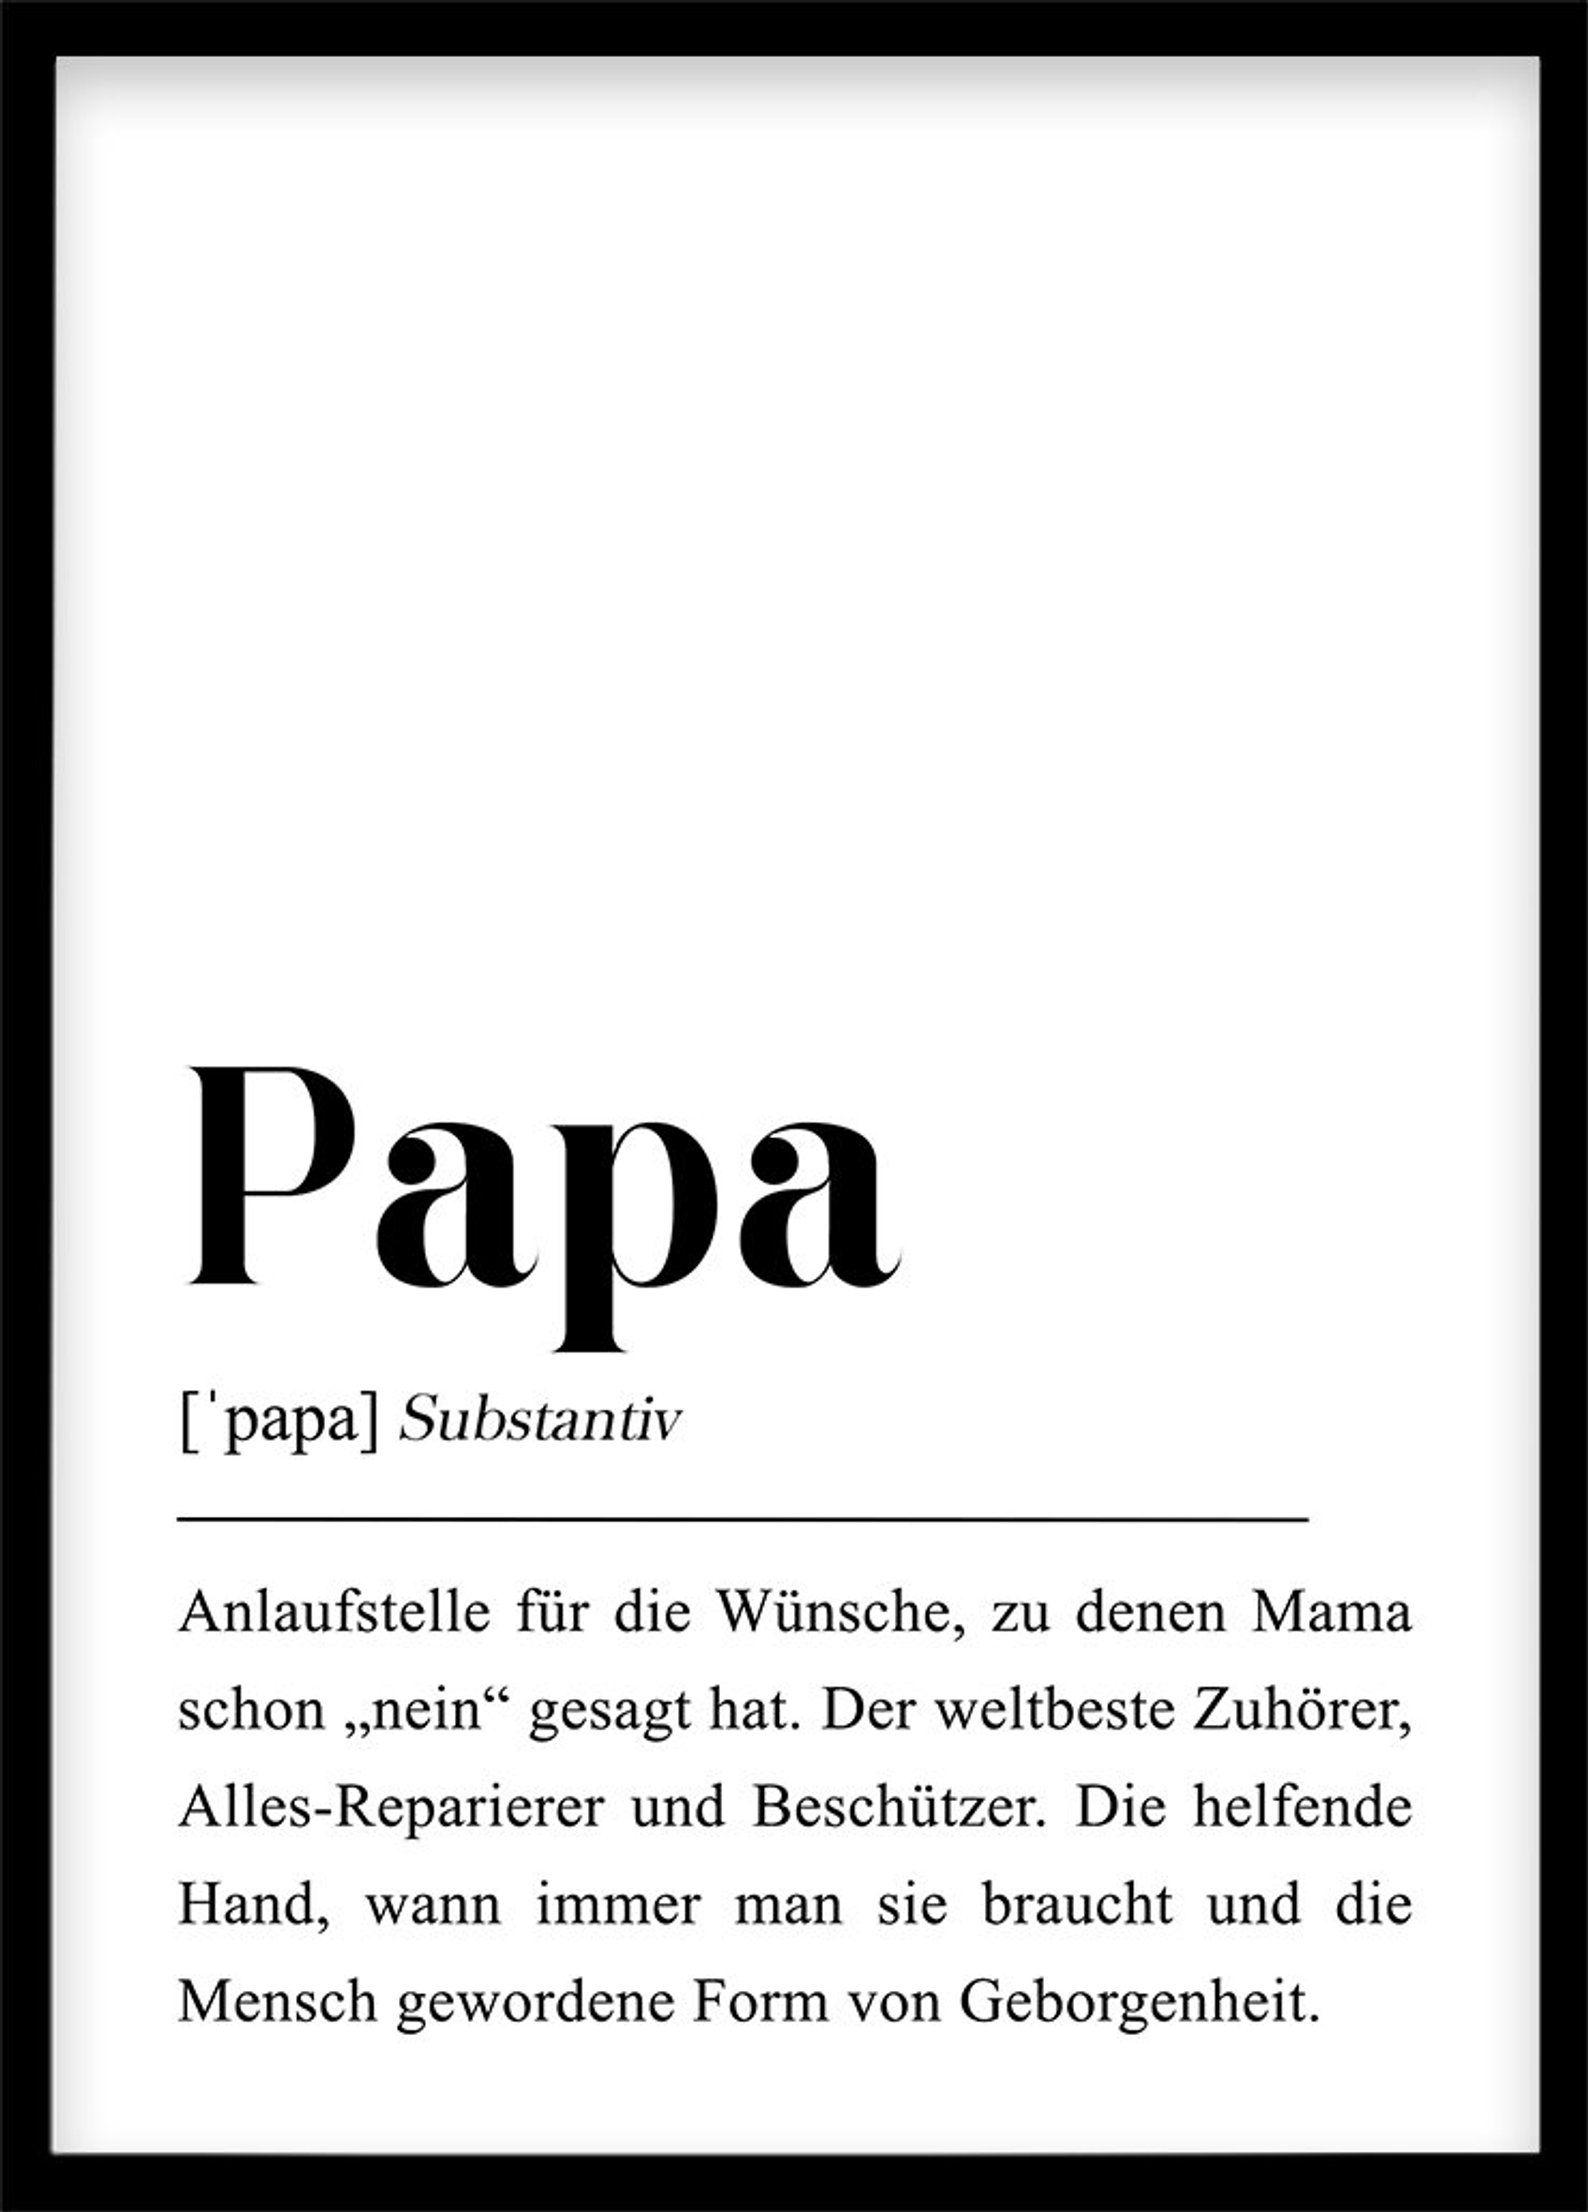 Papa Definition, Geschenk für Vater, Geburtstag Papa, Vatertag Geschenk, Ankündigung erstes Mal Vater, Erstes Kind Geschenk, Ehemann #computer